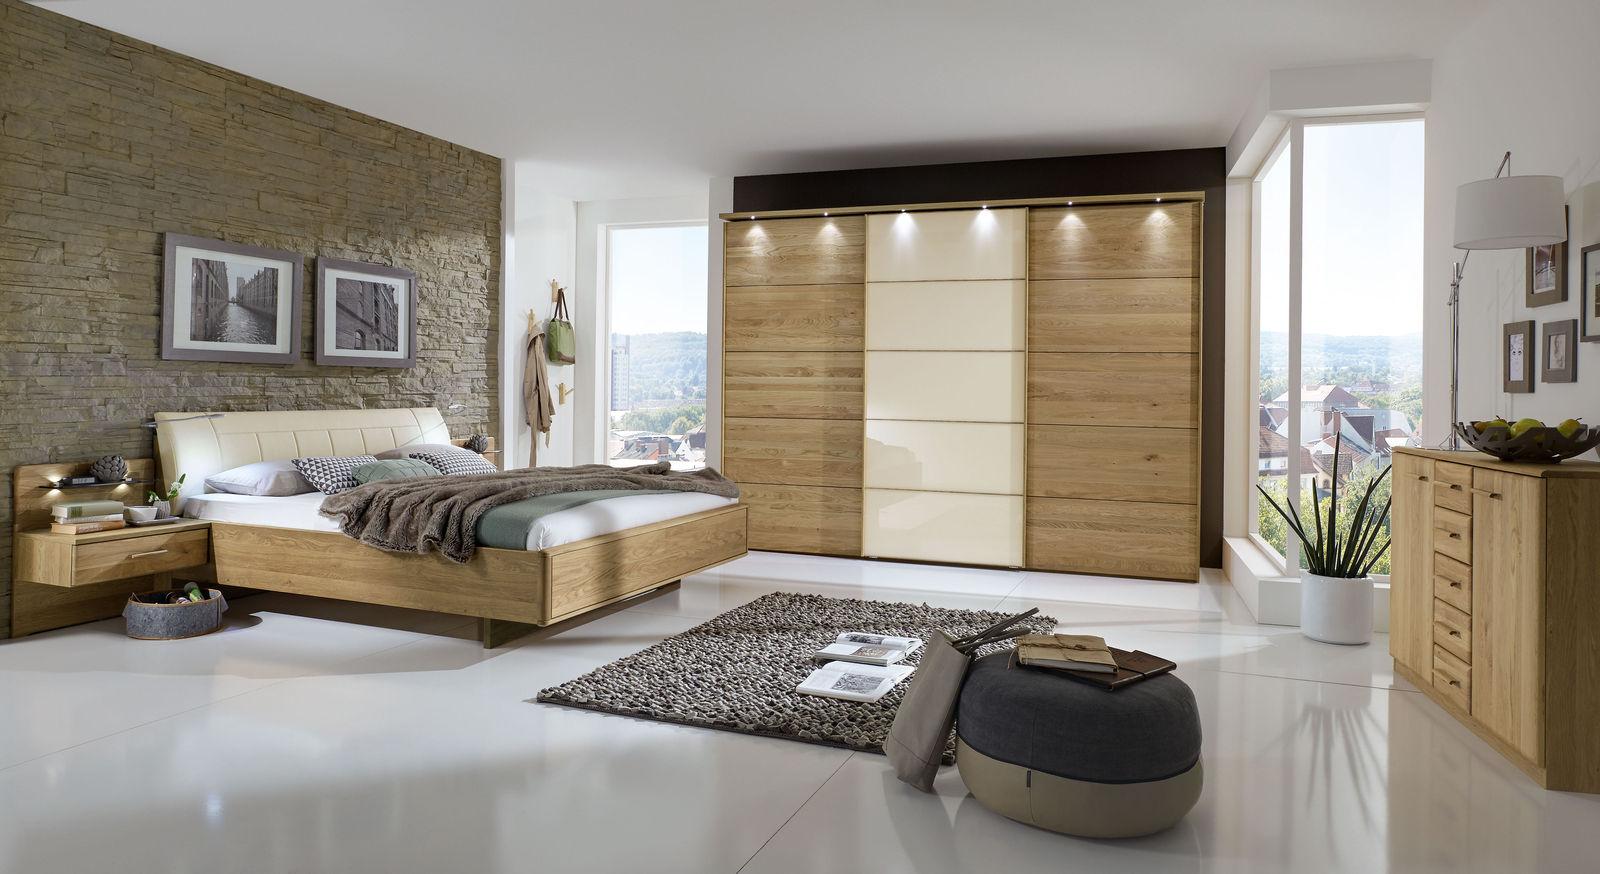 ... Schlafzimmer Ideen Natur By Schlafzimmer Natur Schlafzimmer  Ausgezeichnet Bilder Fur ...